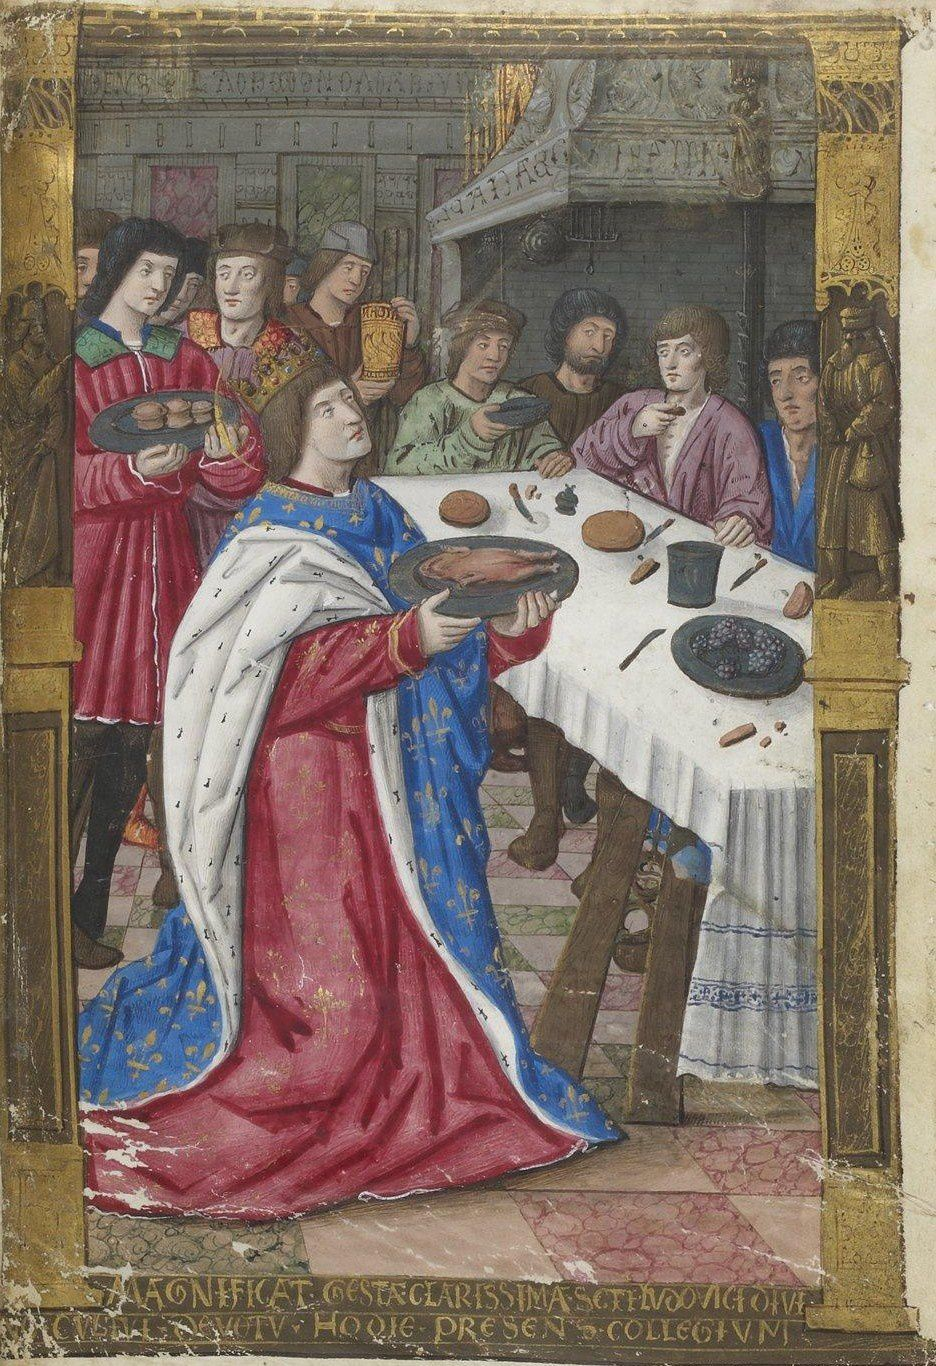 Petites Heures de la reine Anne de Bretagne - BnF, Département des manuscrits, NAL 3027, fol. 163